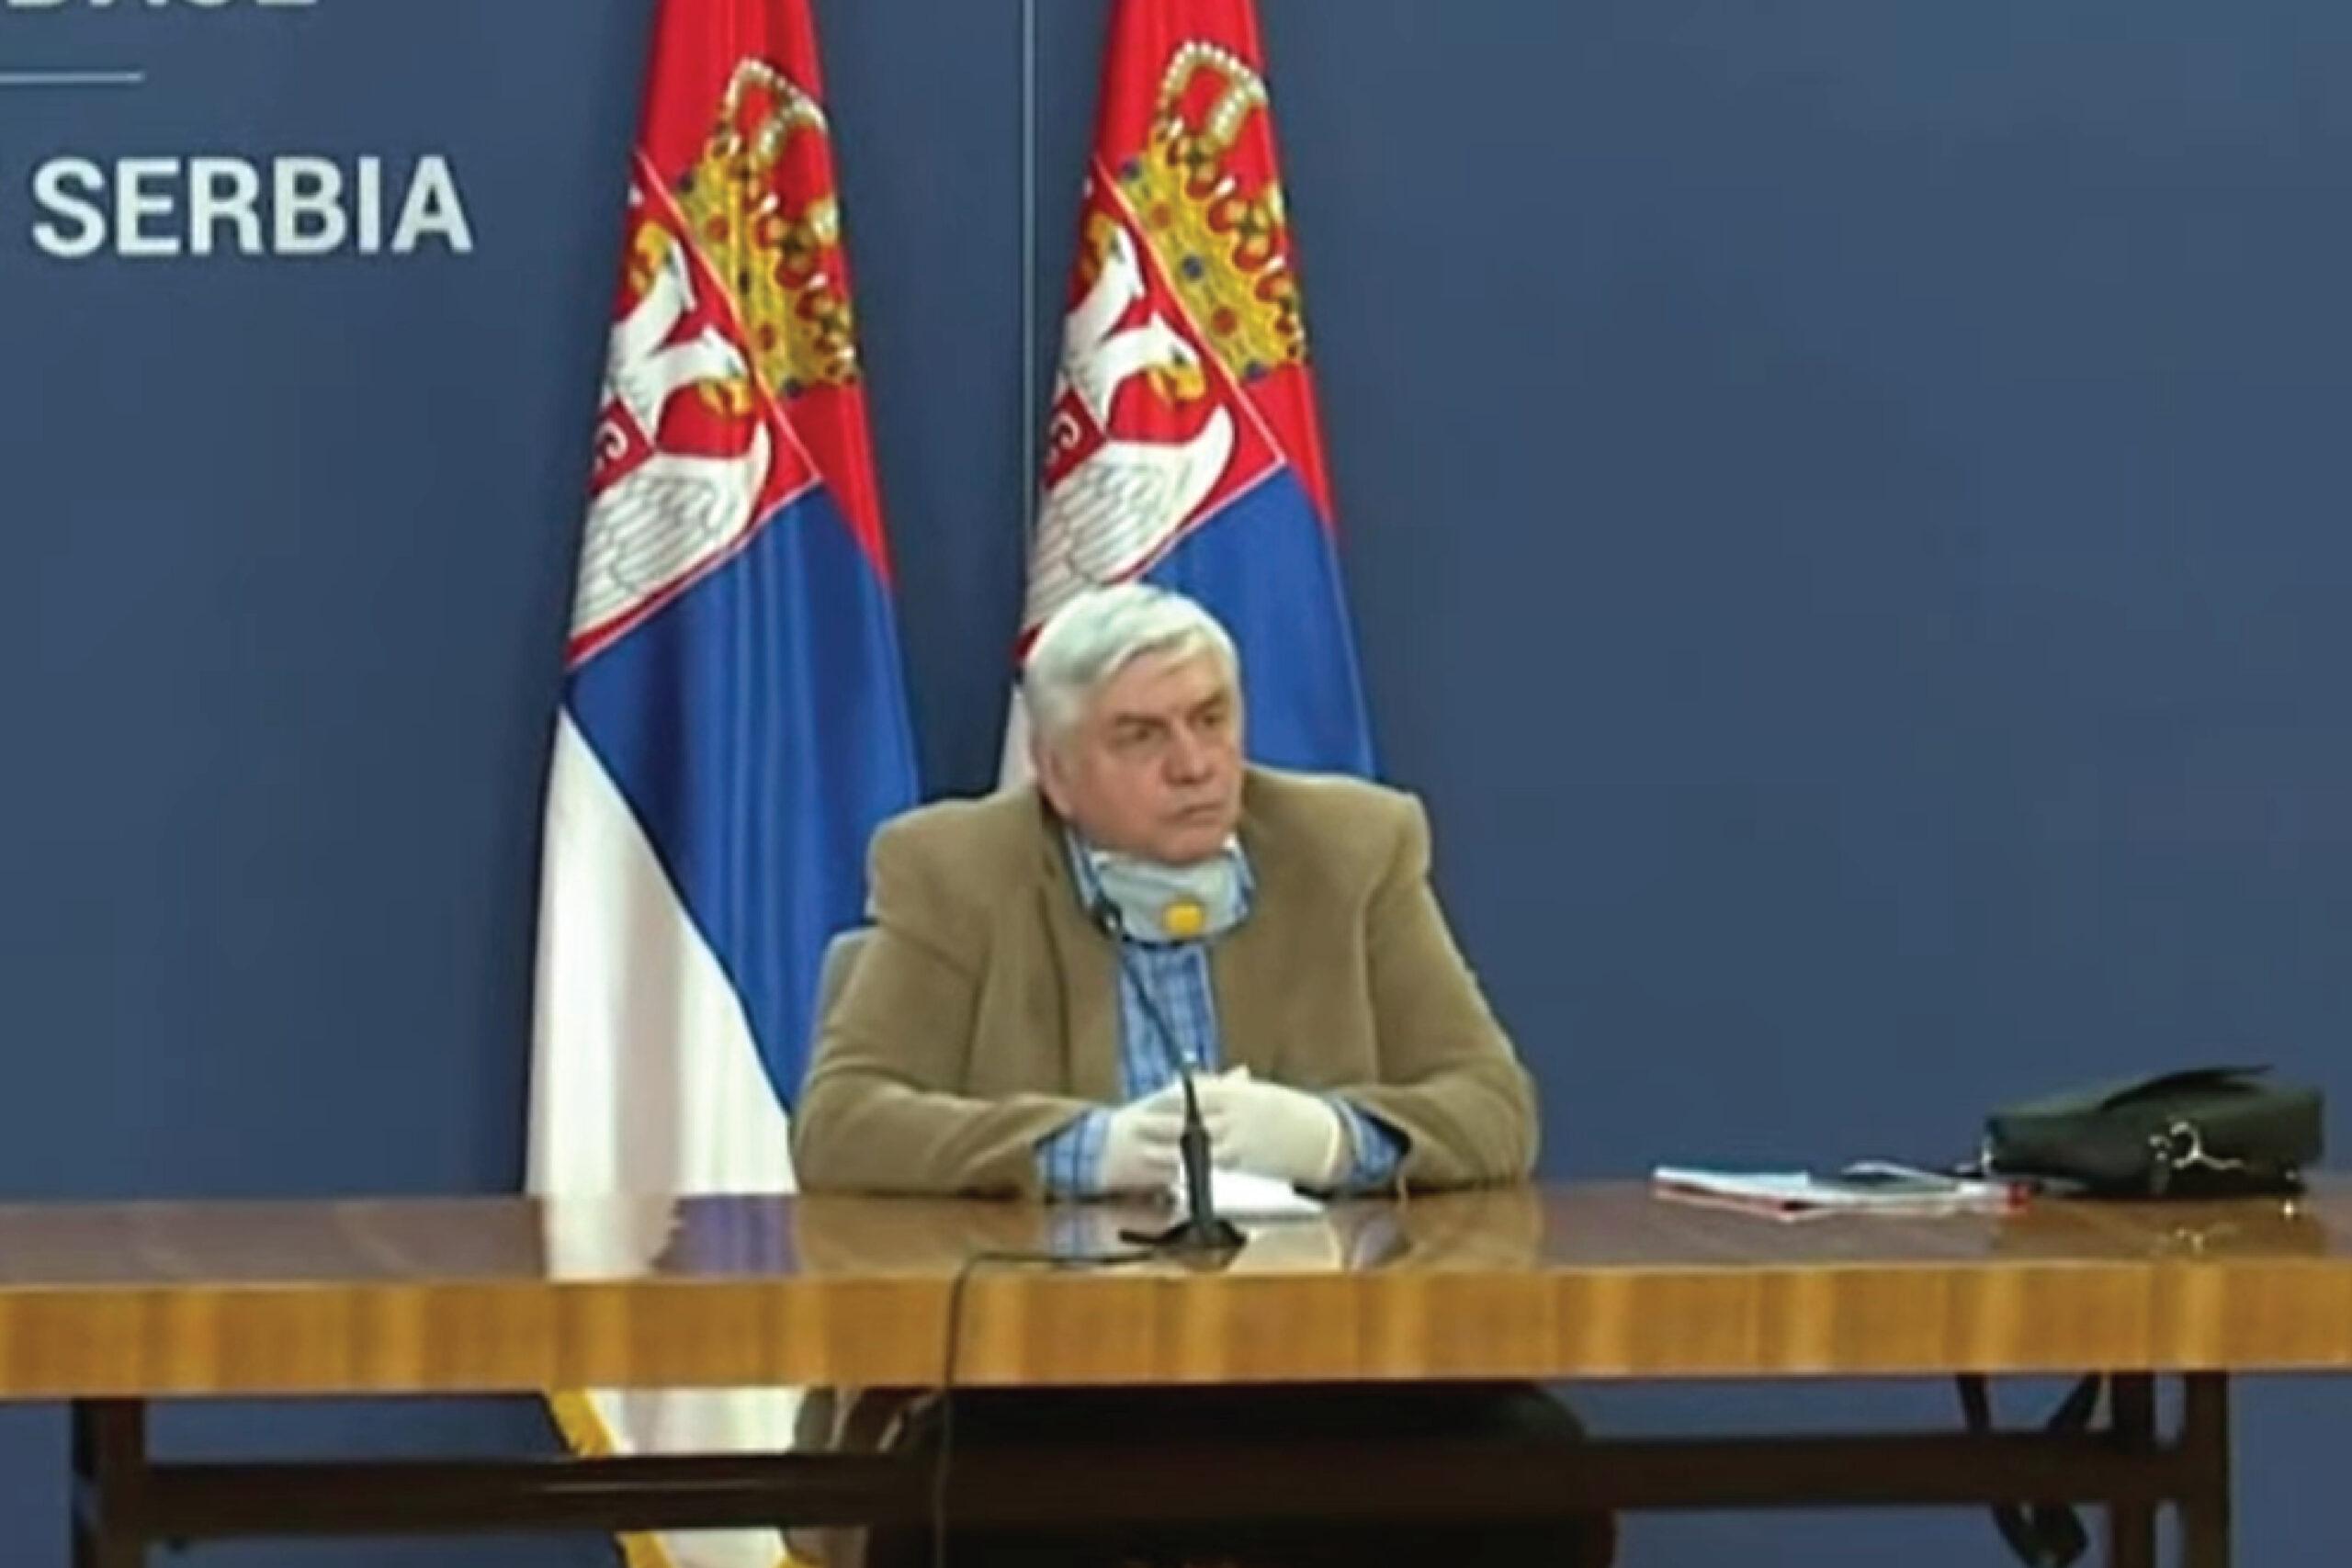 Тиодоровић: Потребна нам је гвоздена дисциплина,биће све теже